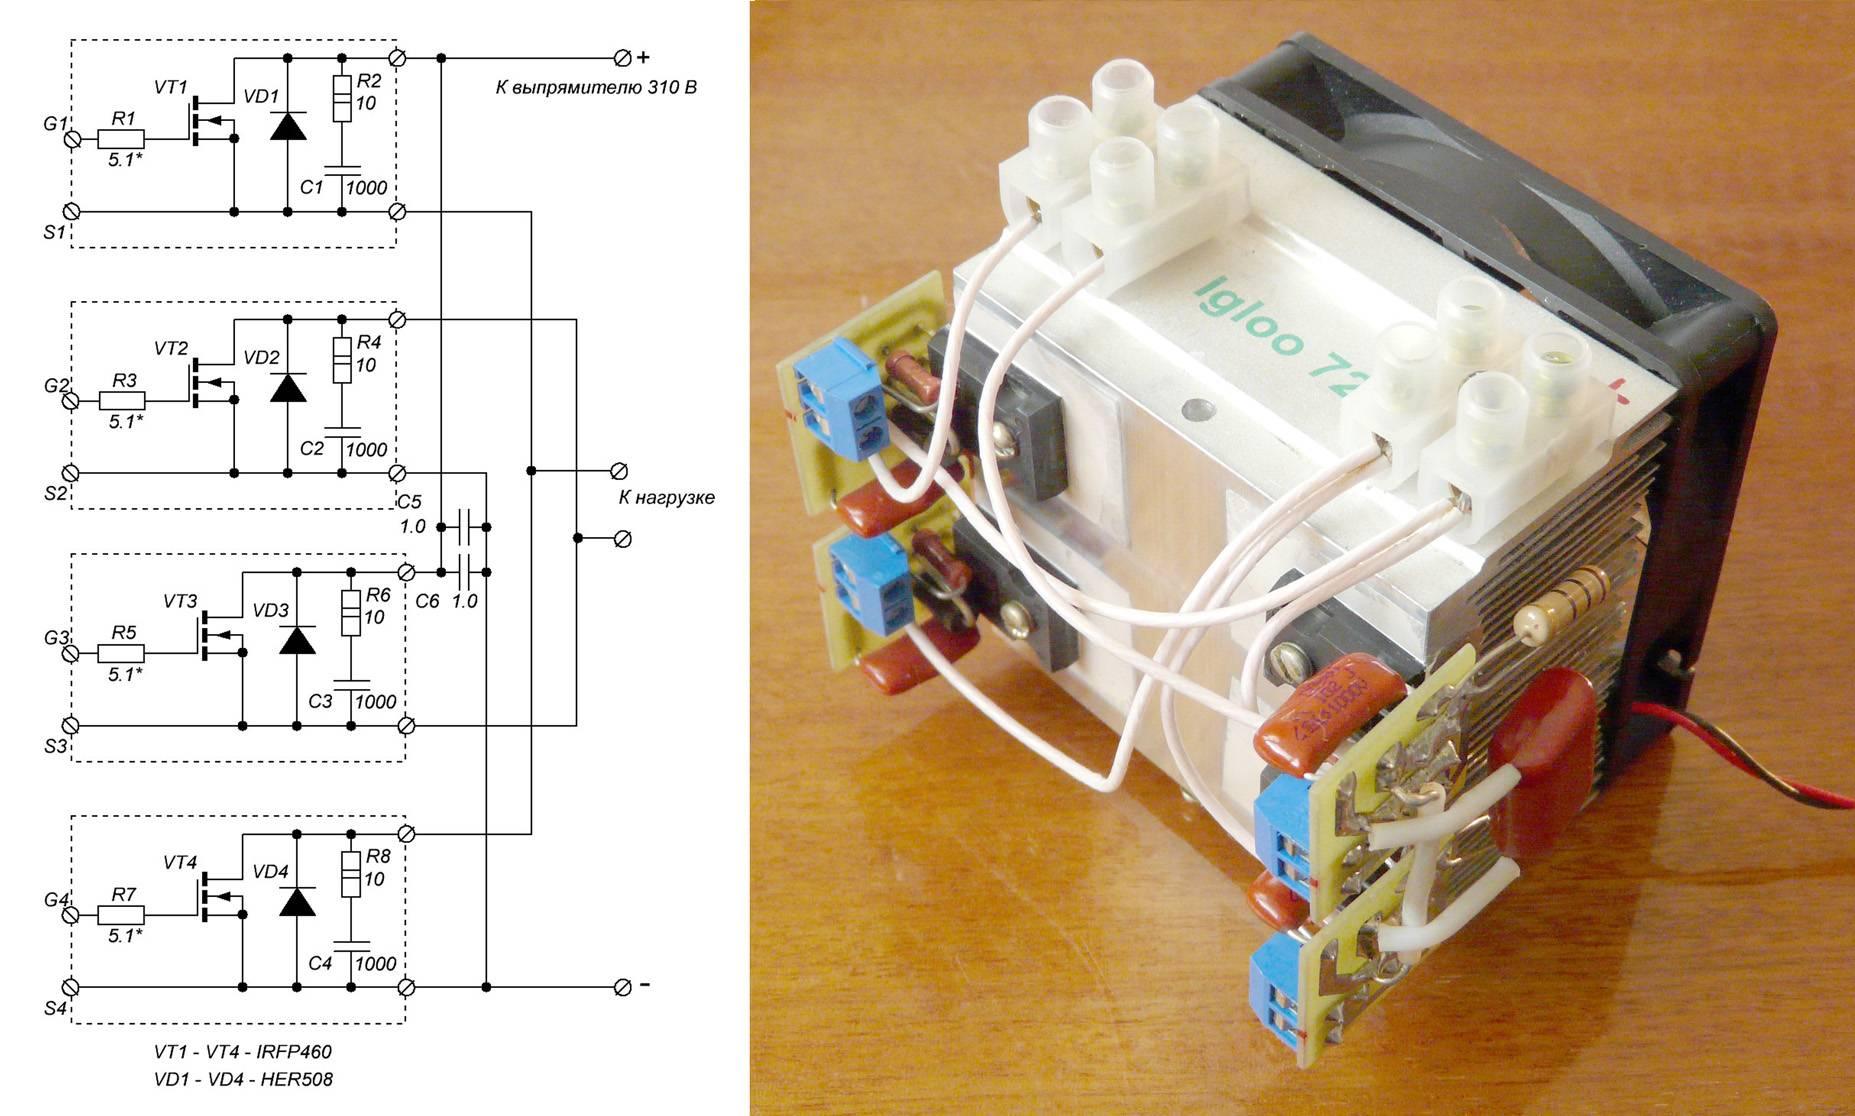 Индукционный нагреватель своими руками ♨️: топ-160 фото-обзоров способов создания нагревателя своими руками. простые схемы, чертежи и инструкции для начинающих